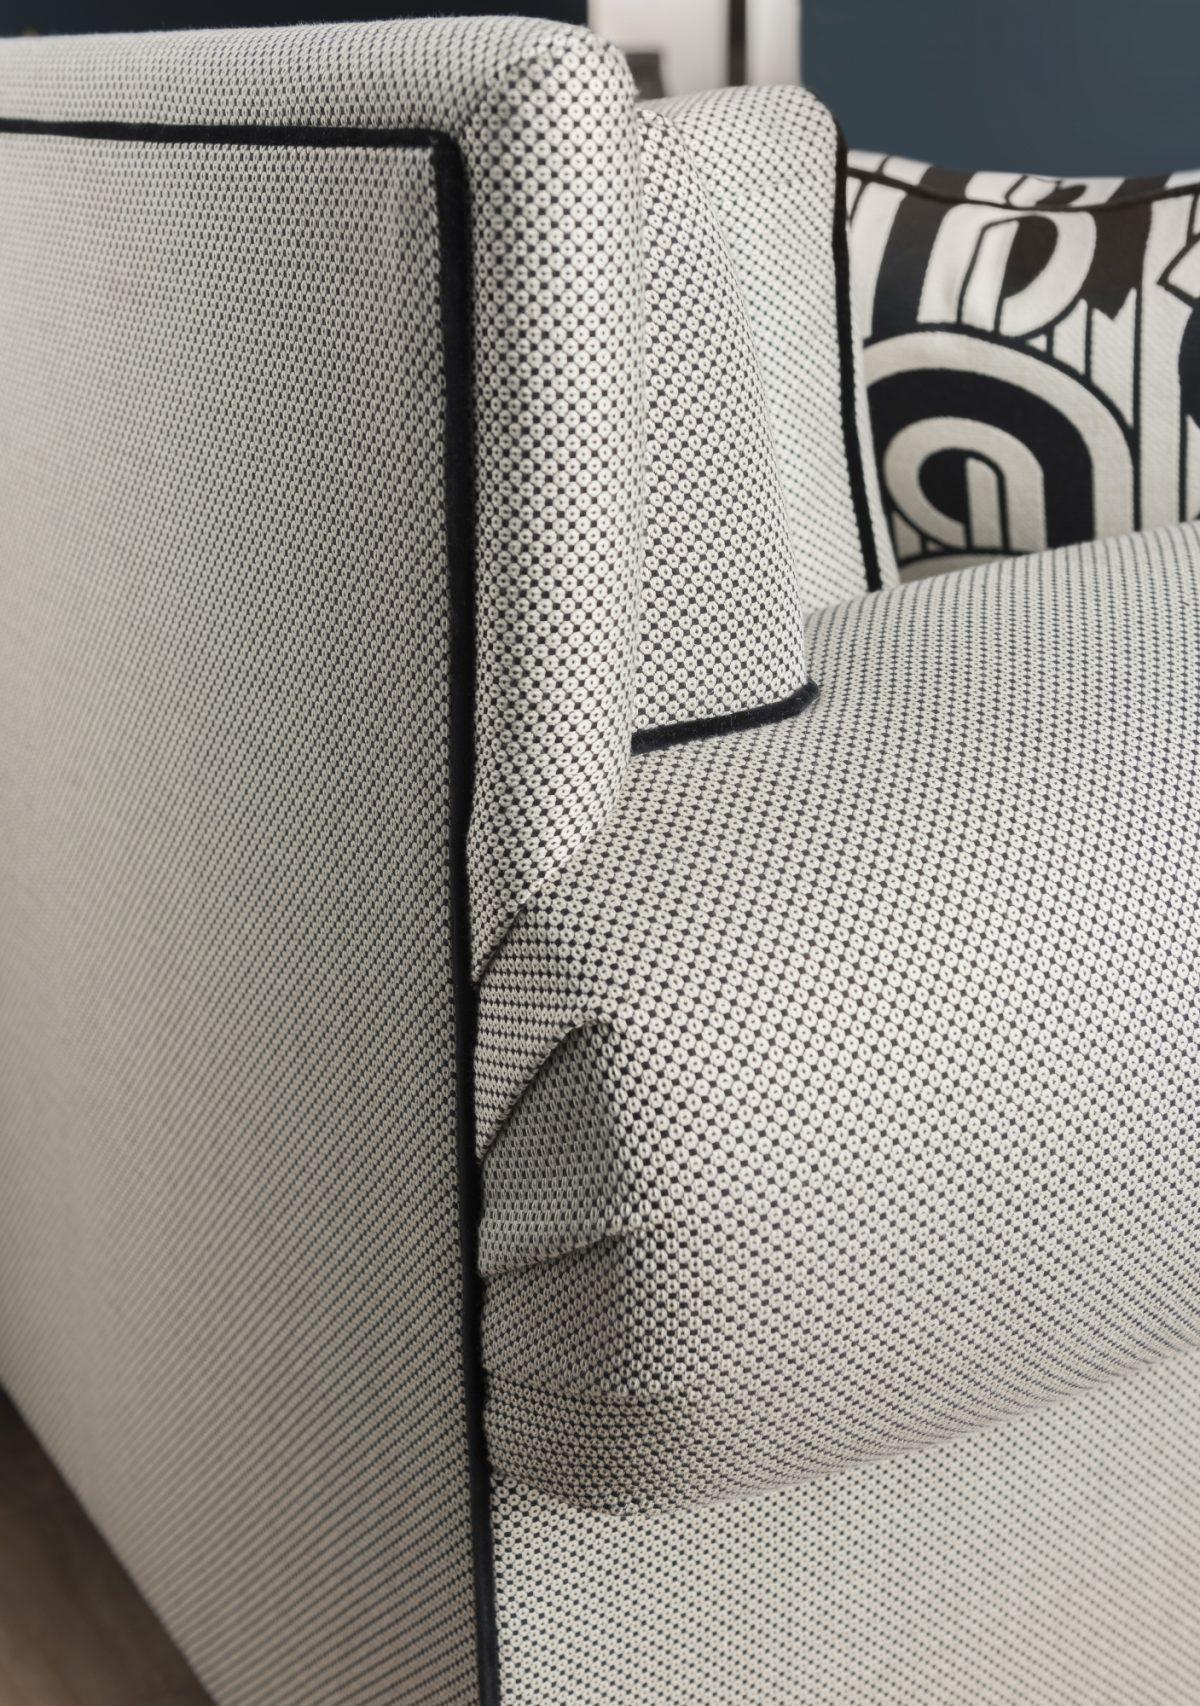 Coco Back Detail Hi Res Rgb